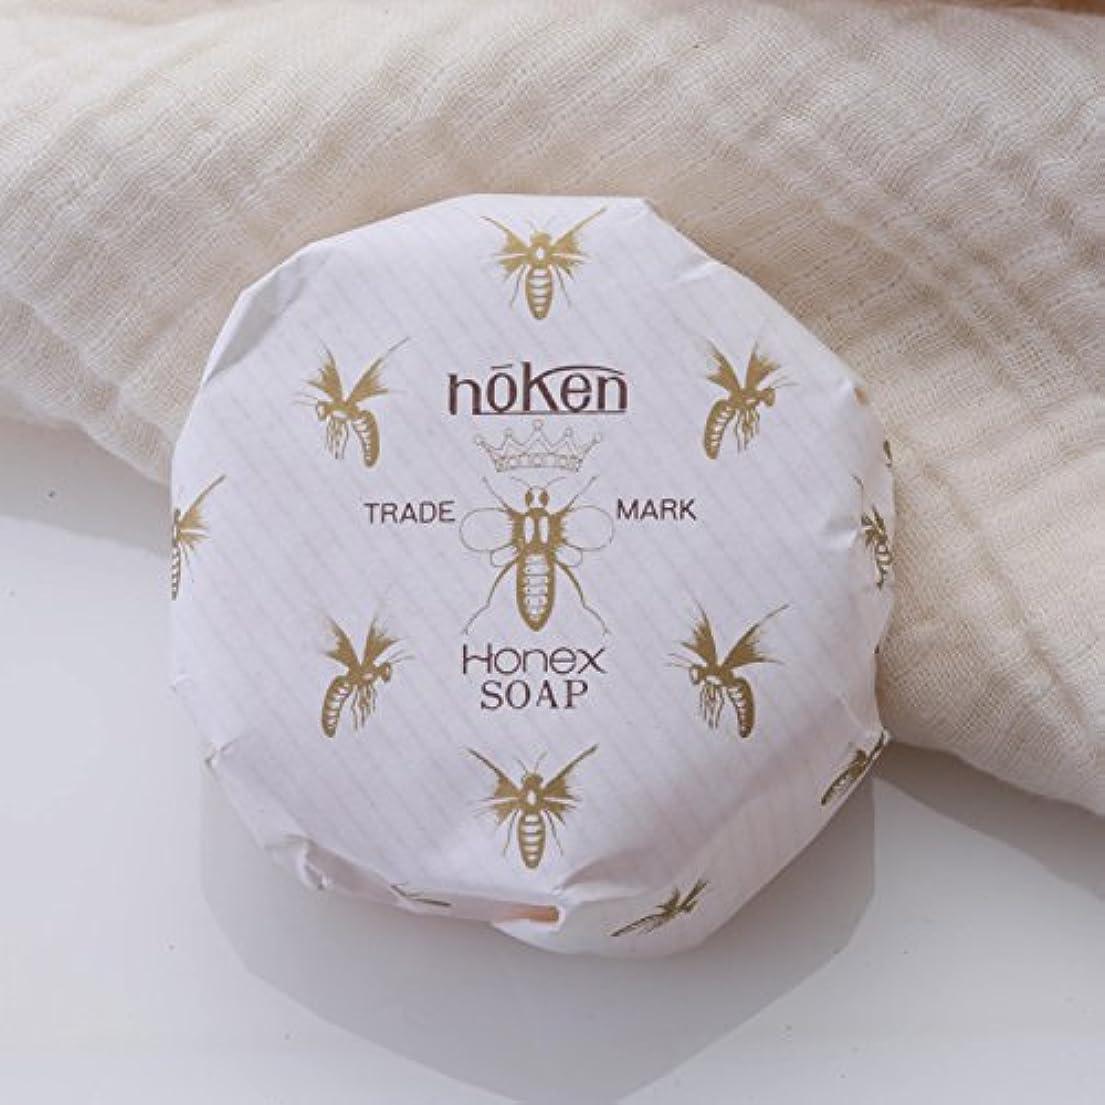 かまど海洋番目HOKEN/HONEYX ソープ 大